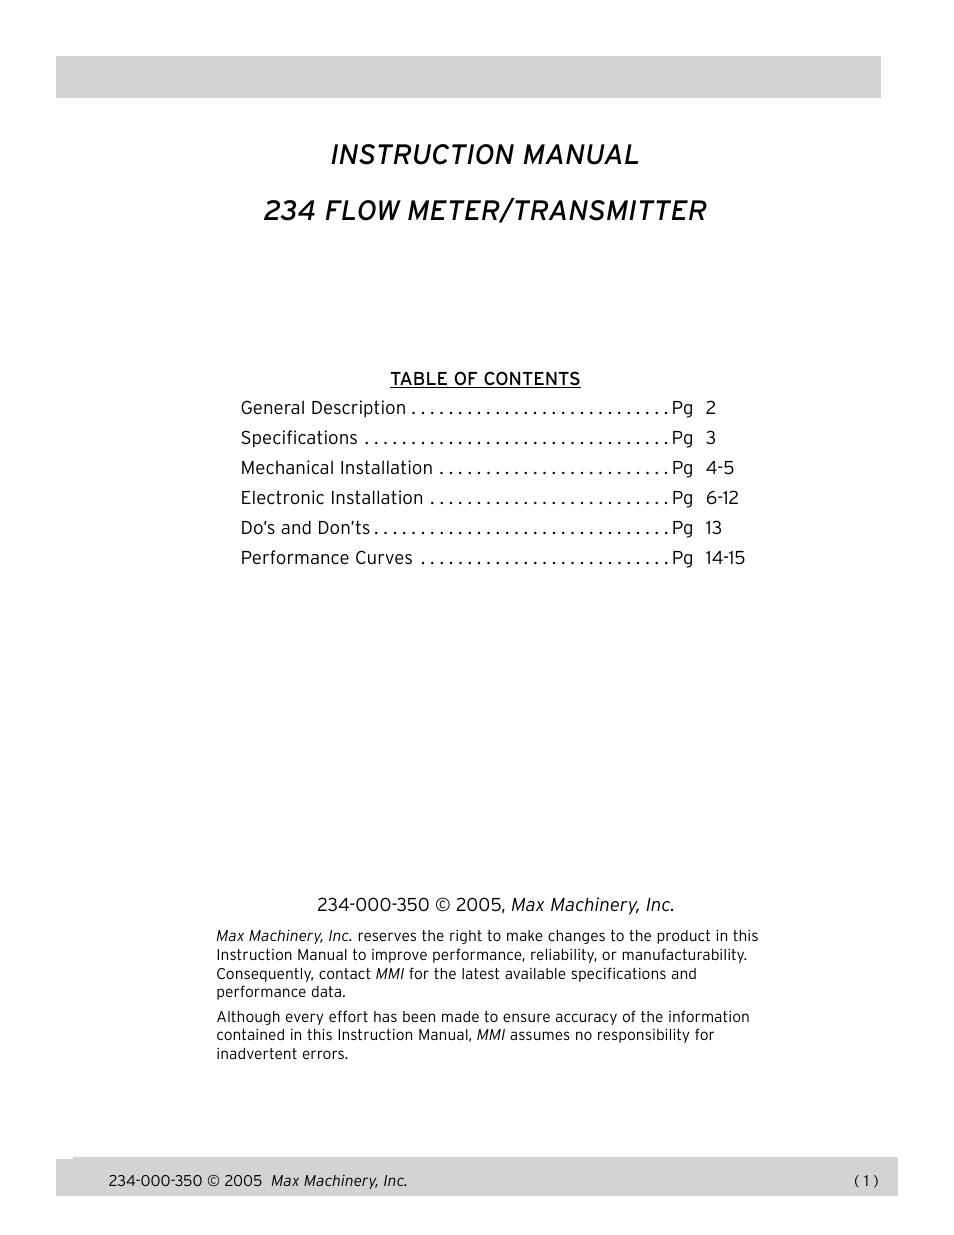 max machinery 234 flow meter user manual 15 pages rh manualsdir com  mmis manual arkansas